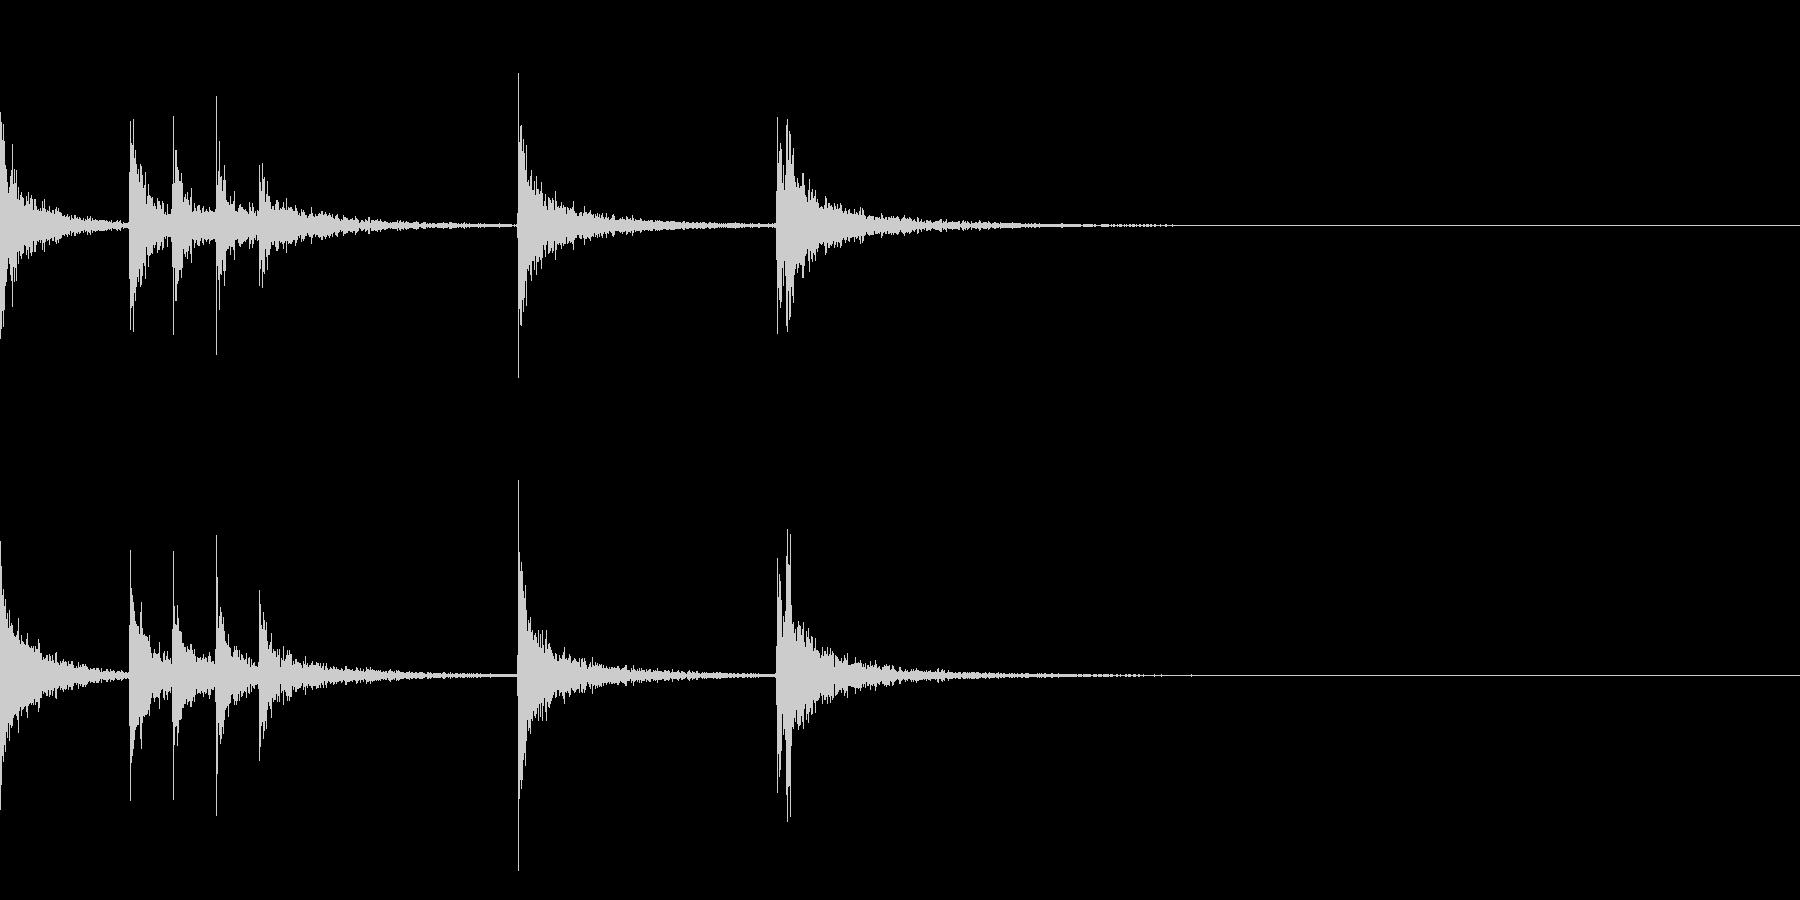 カスタネット!フラメンコフレーズ4の未再生の波形